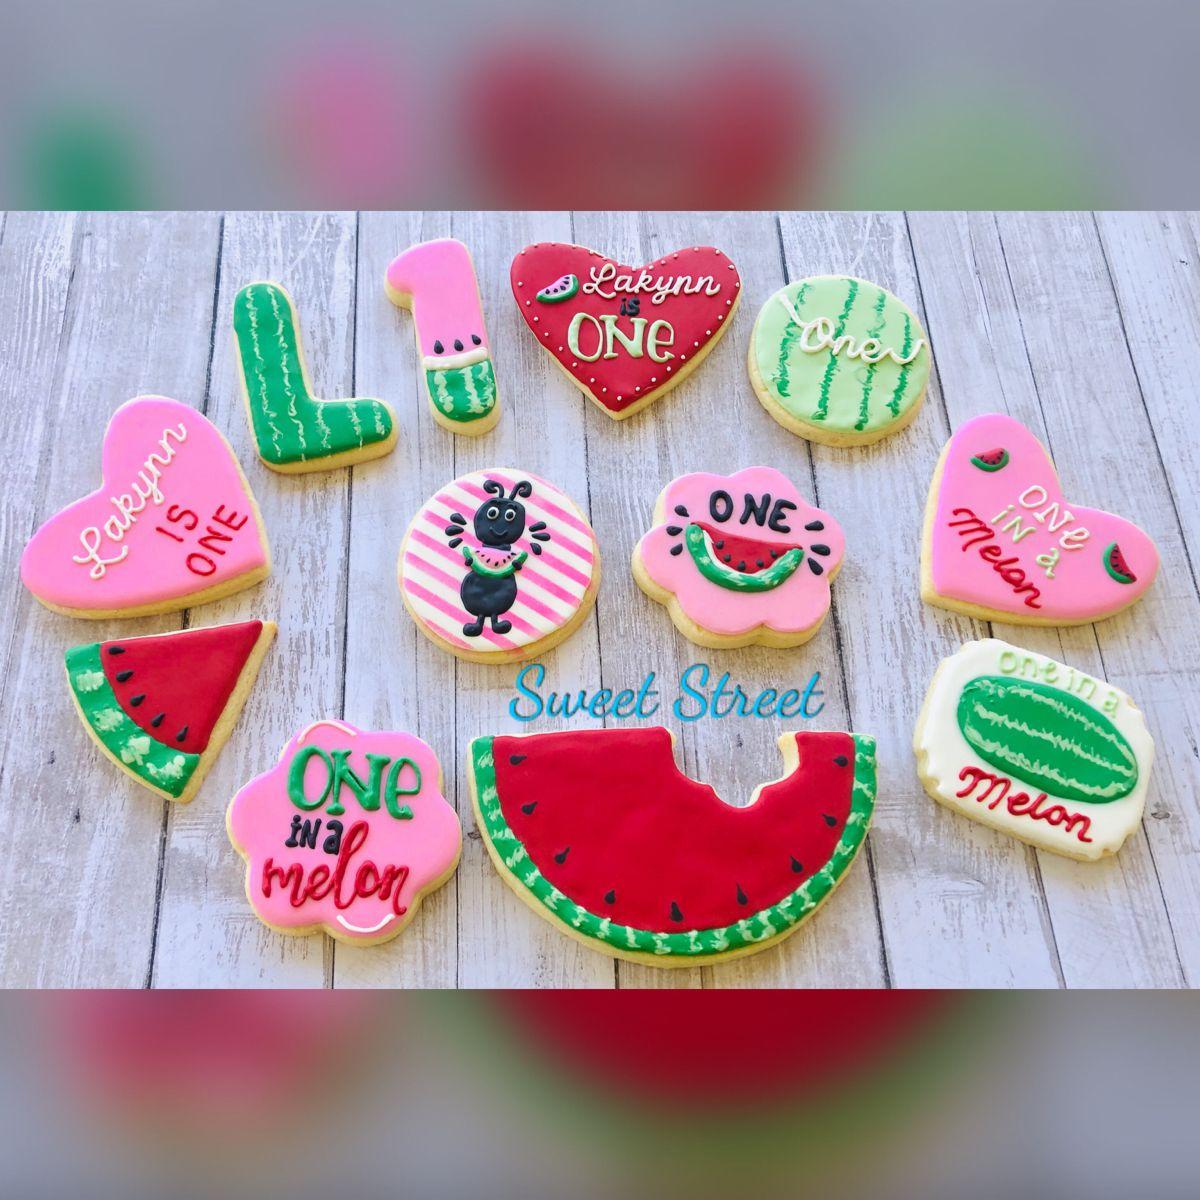 #firstbirthdaygirl #oneinamelon #watermelonsugarcookies #watermelon #decoratedsugarcookies #sugarcookies One in a melon First birthday Watermelon theme birthday party